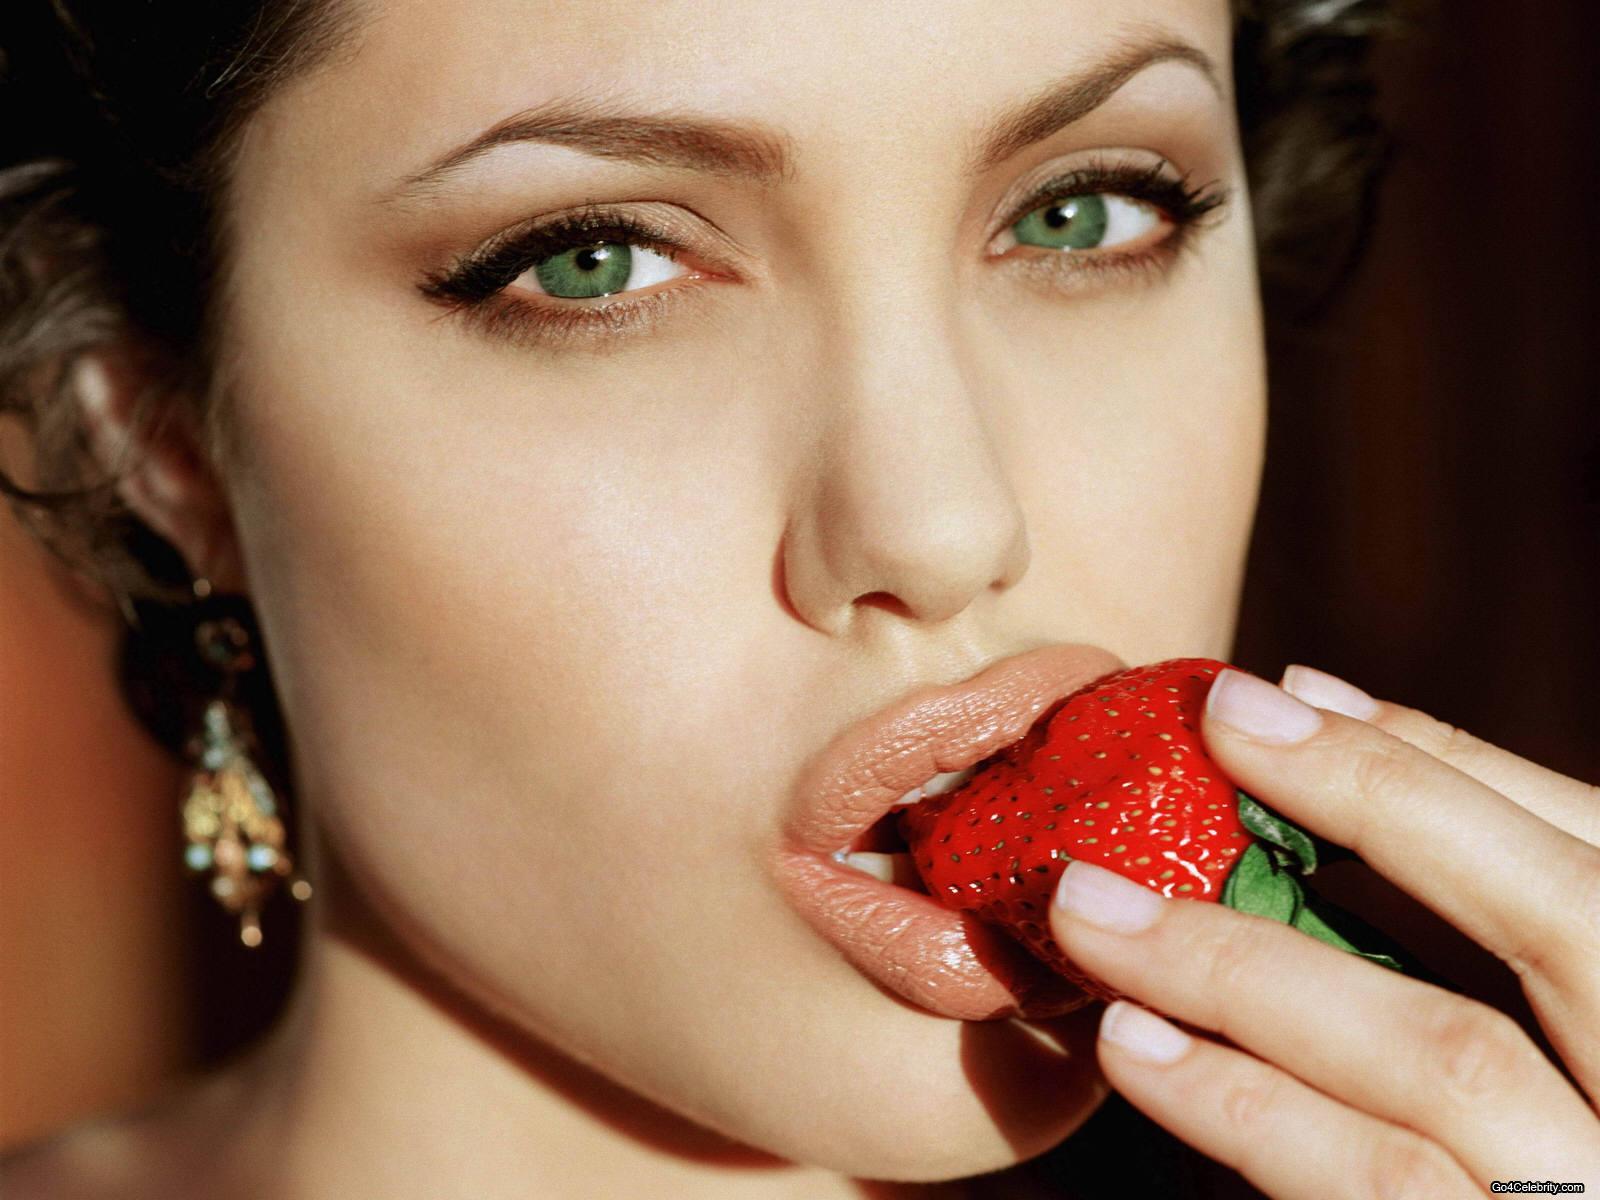 http://4.bp.blogspot.com/-6BSDGTEapKk/T5aNlECfmeI/AAAAAAAAI_8/soWRnGVPNl0/s1600/Angelina+Jolie+Wallpapers6.jpg